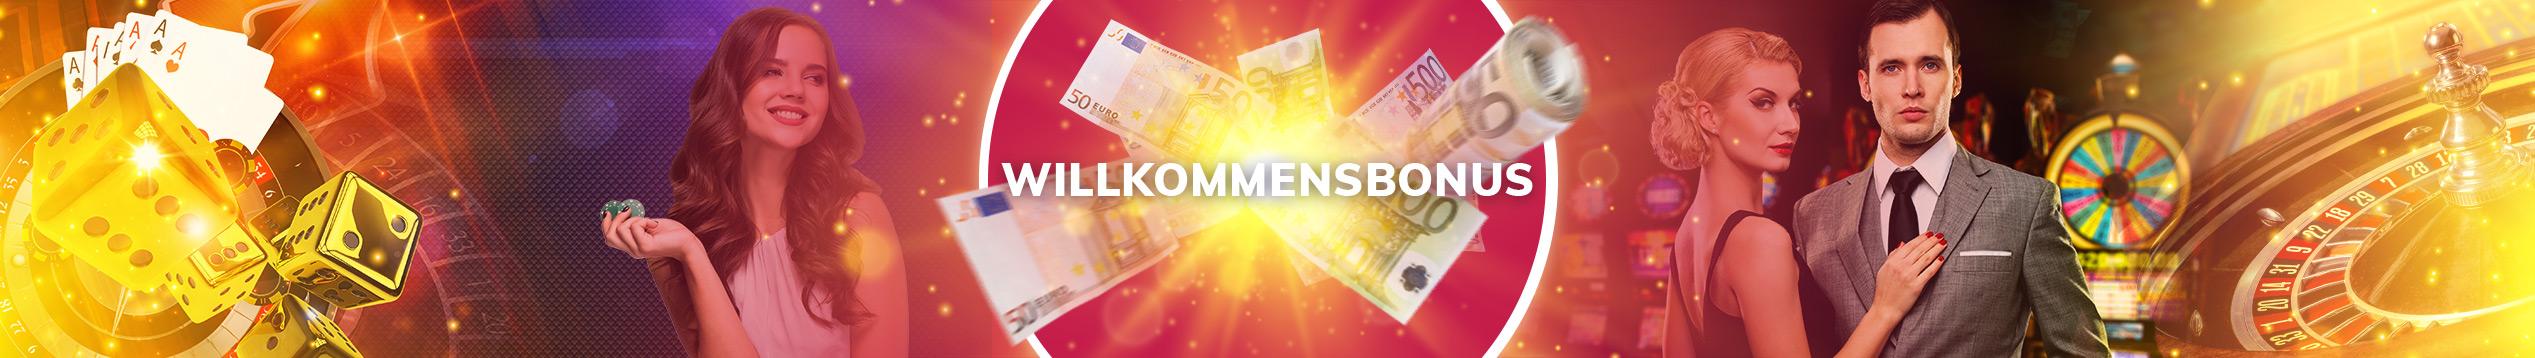 Willkommensbonus von bis zu 100€